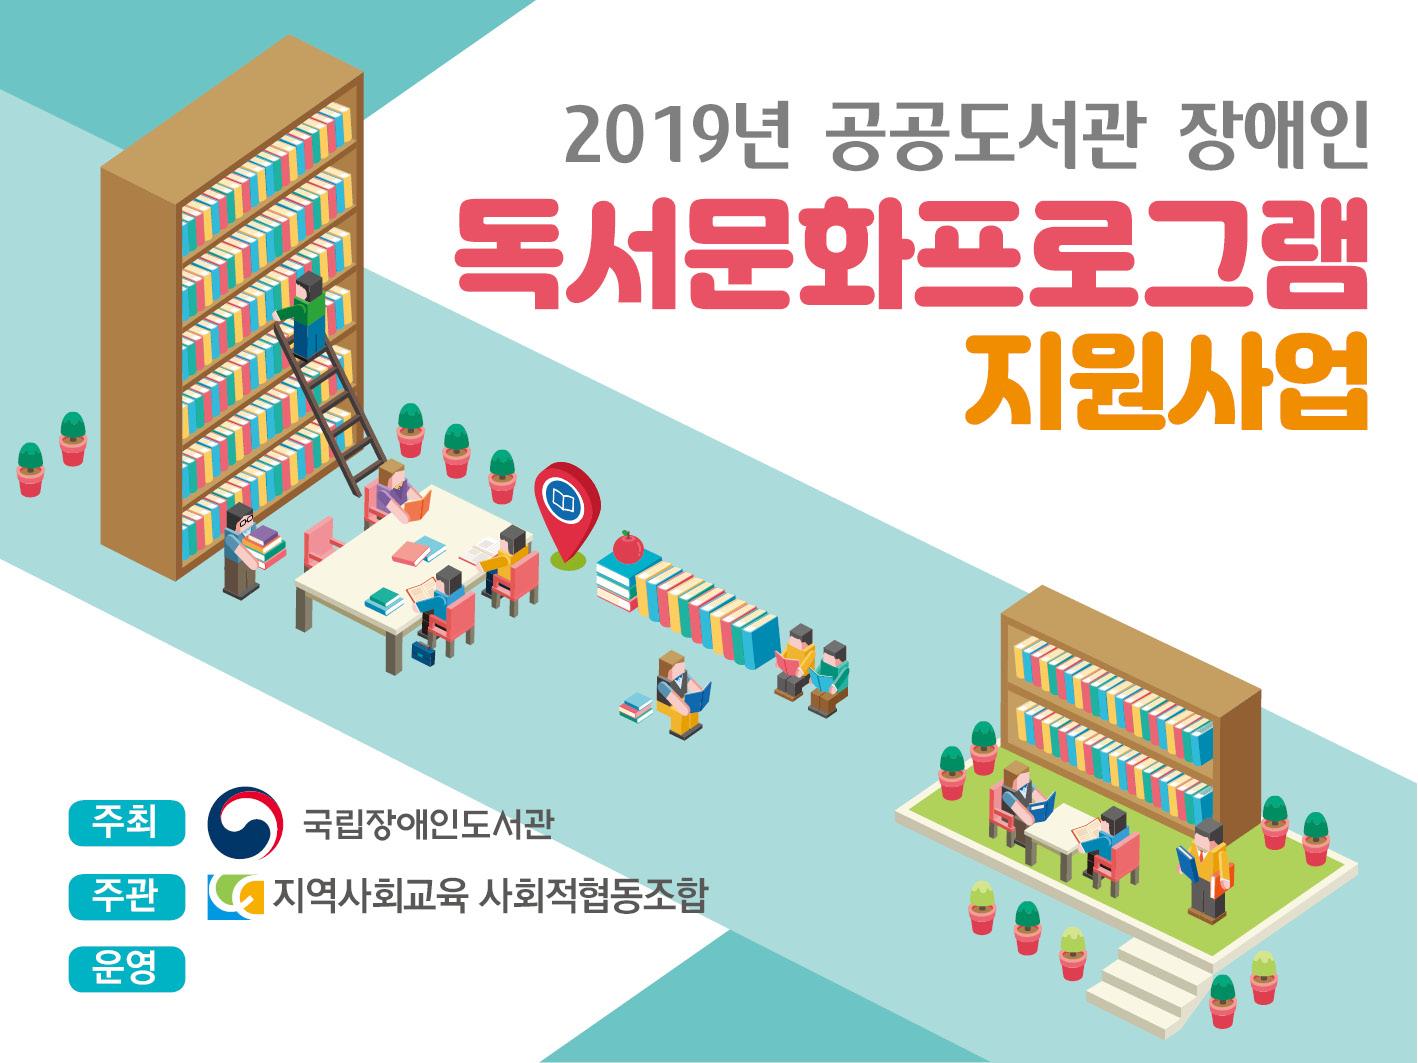 19독서문화프로그램 현수막 120X90cm-빈페이지.jpg